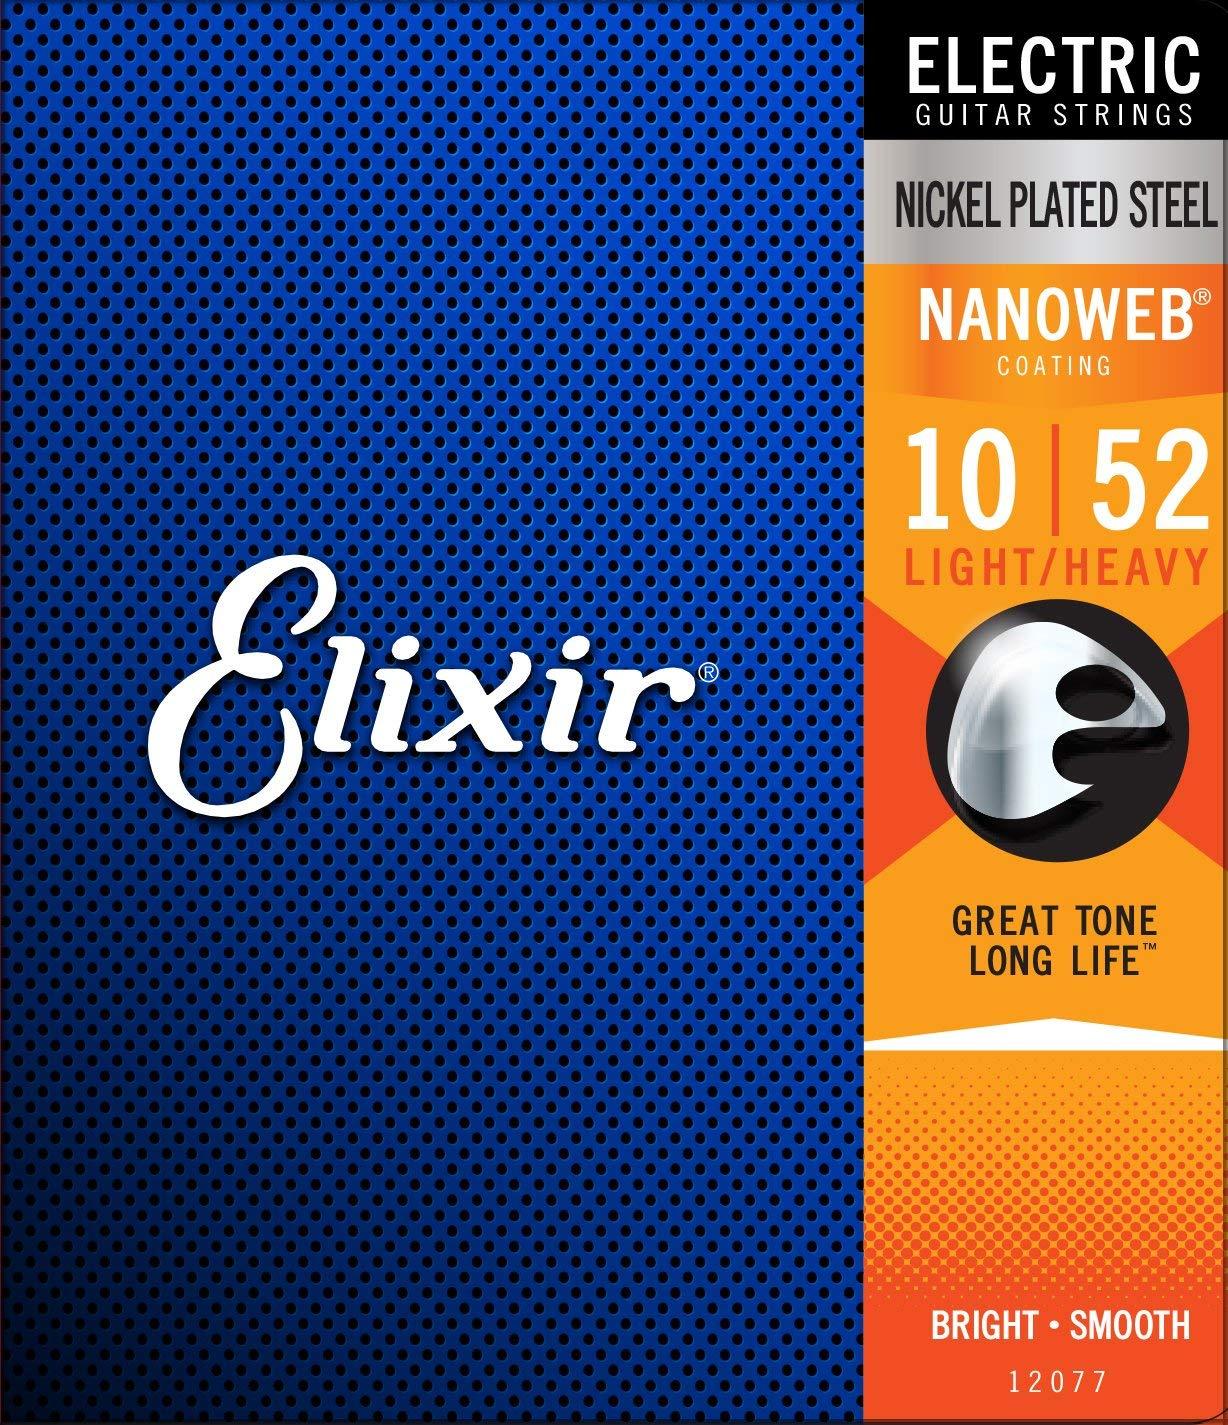 Elixir Cordes 12077 Guitare Électrique Cordes w NANOWEB Revêtement, Lumière/Lourd (. 010-.052)